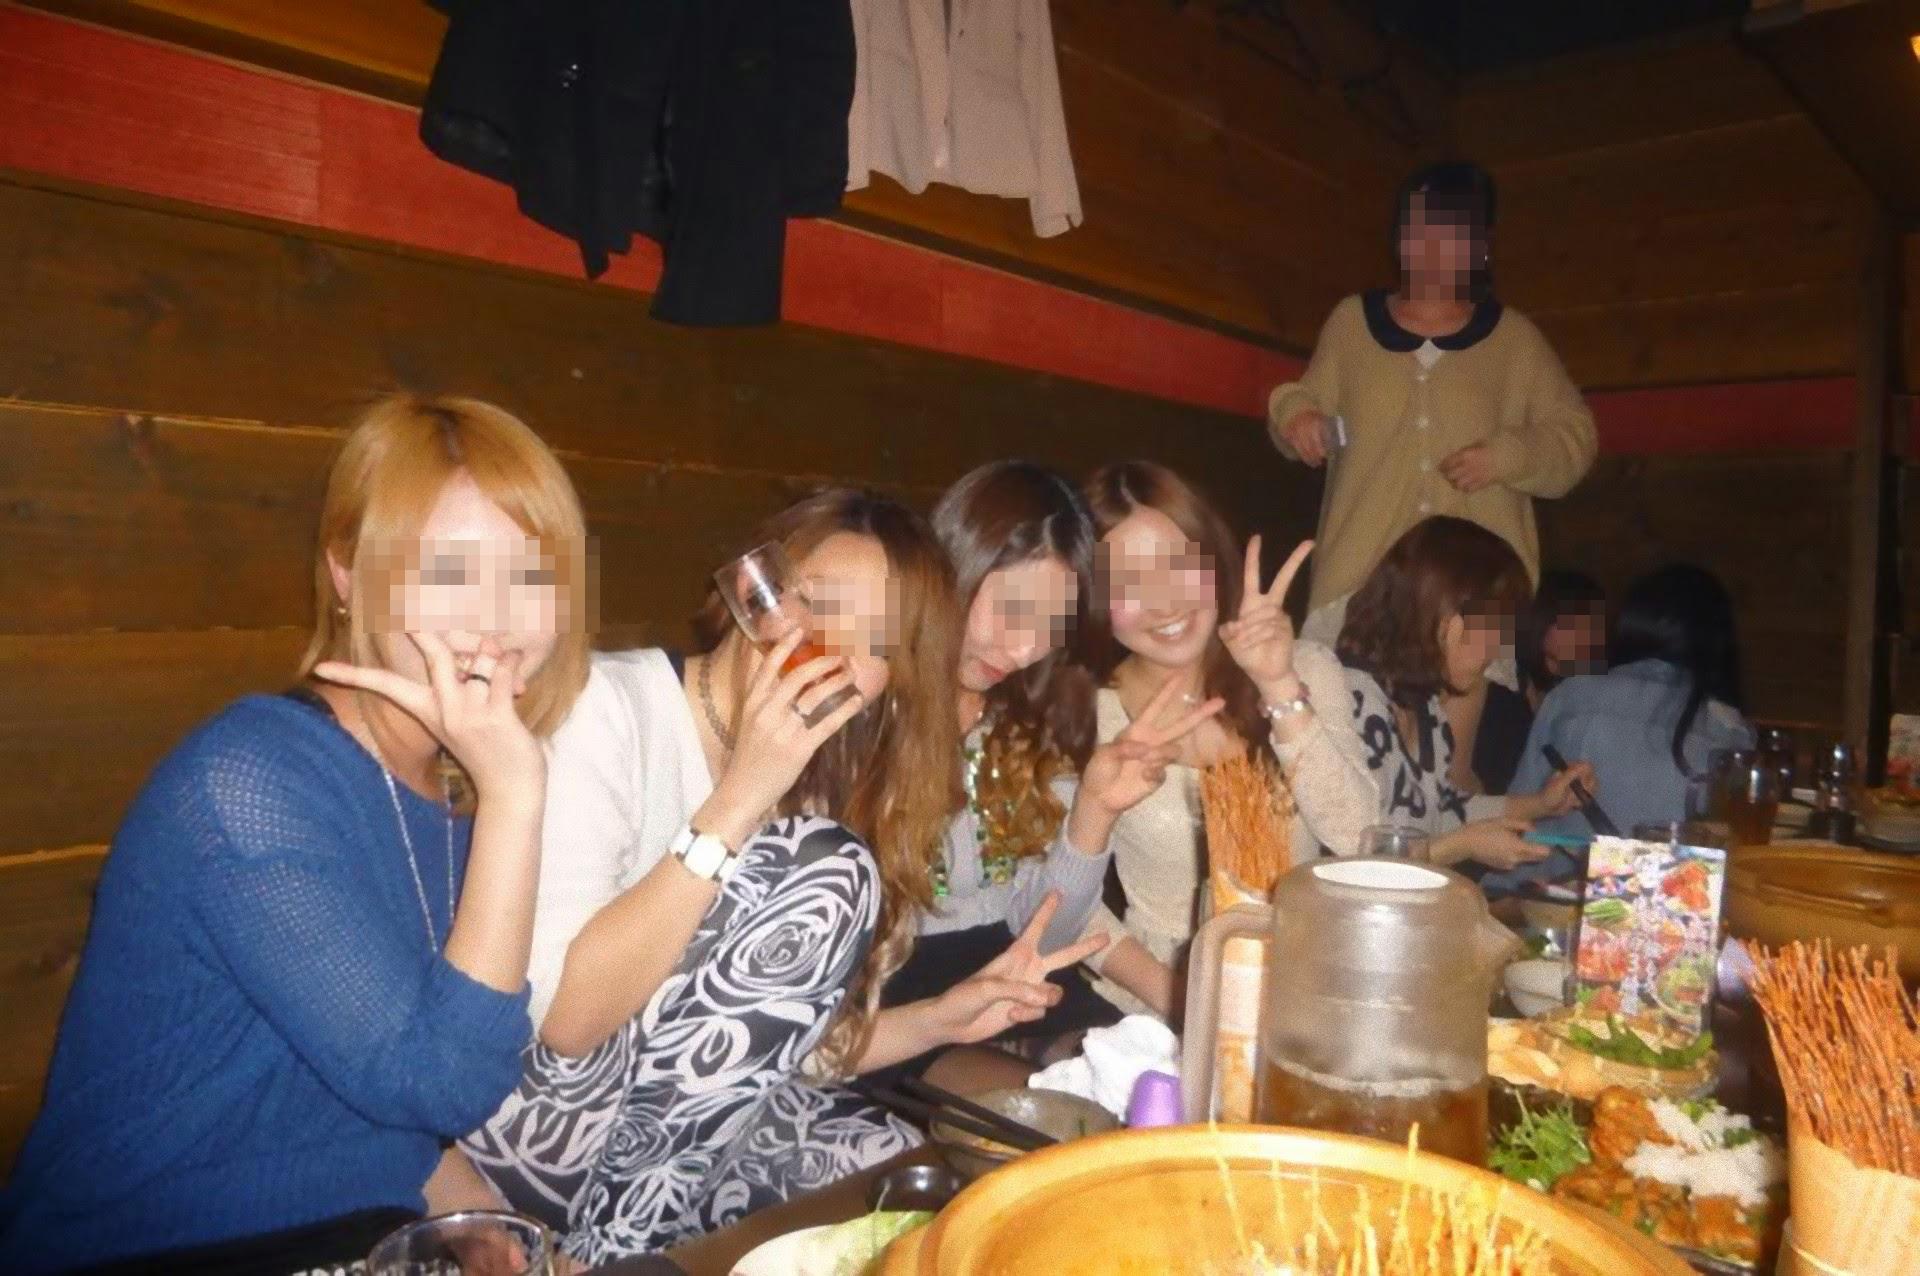 【パンチラエロ画像】ミニスカ女子が前列だから当然…半永久的に丸見えな記念写真パンチラwww 04